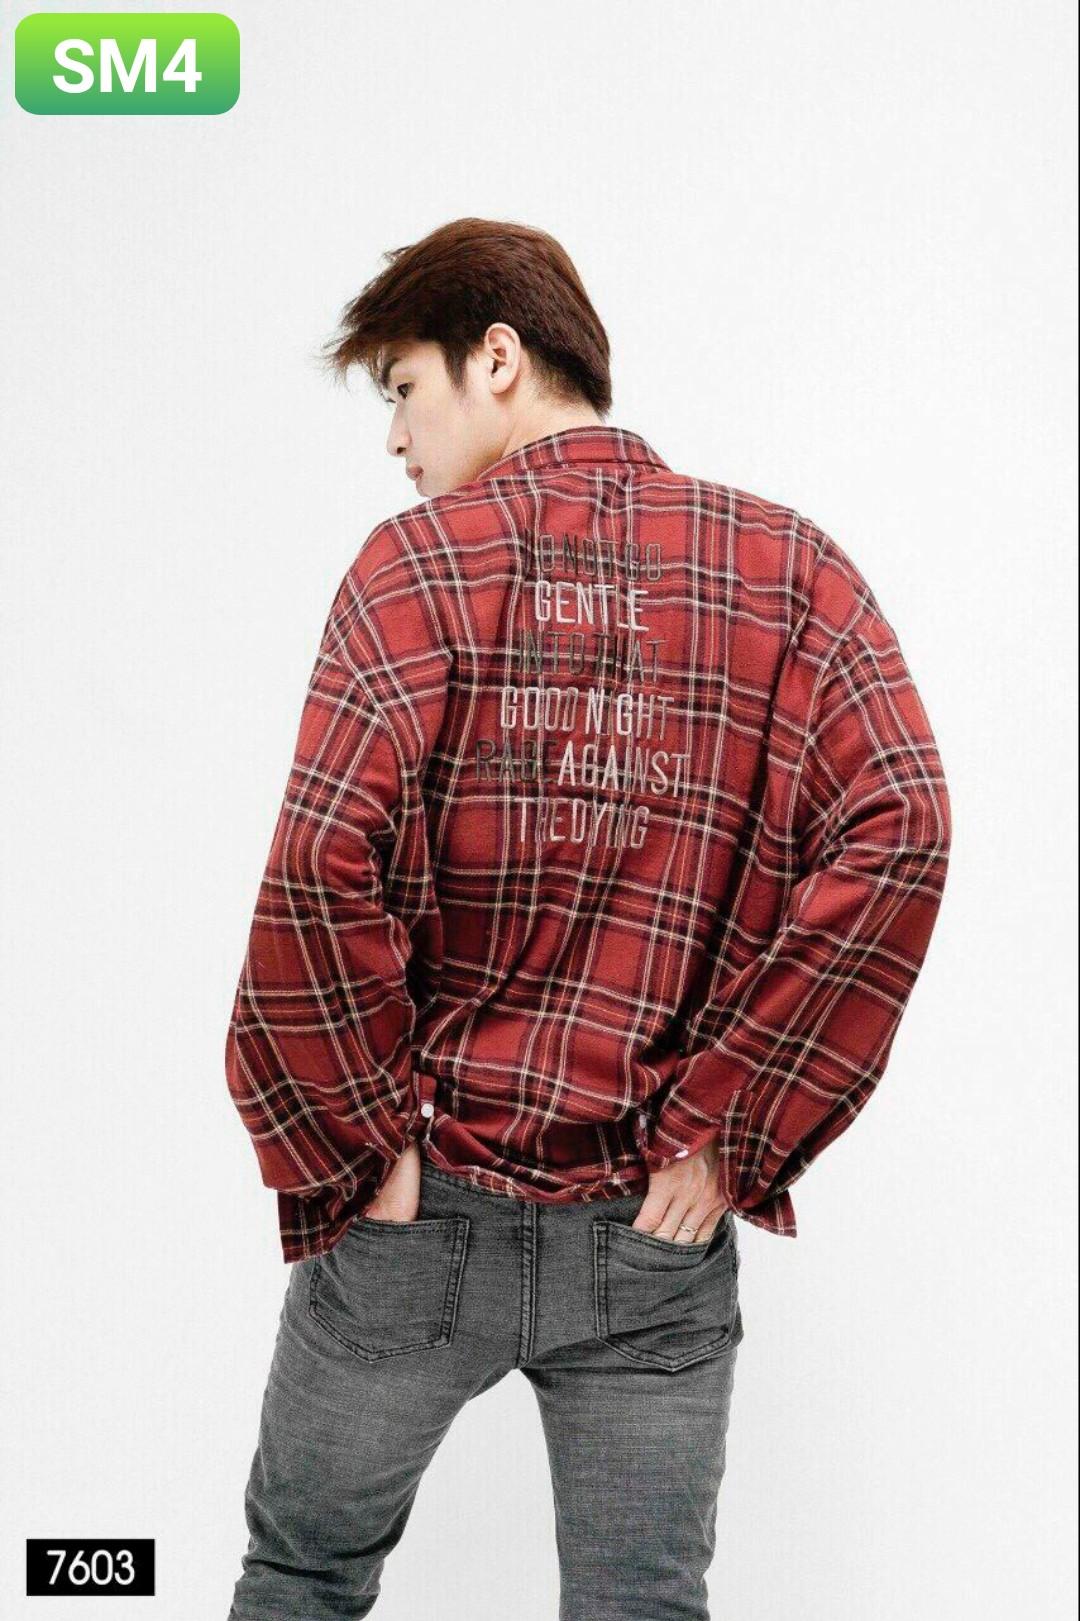 Order áo sơ mi SM4 - 3 size m l xl